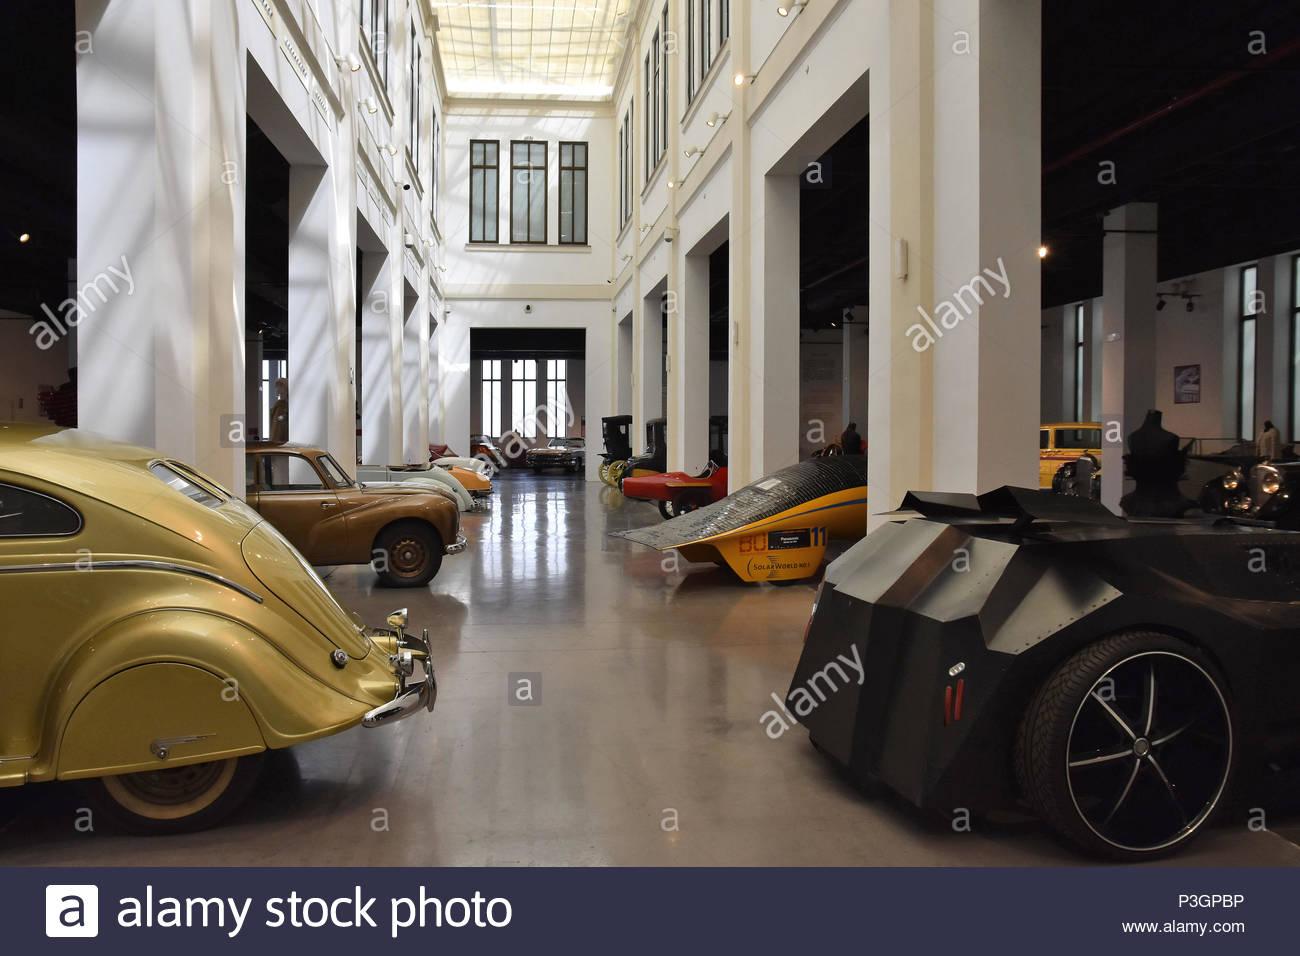 Divers modèles de voiture affichée au Musée de l'automobile (Museo Automovilístico) à Malaga en Espagne l'Europe. Photo Stock